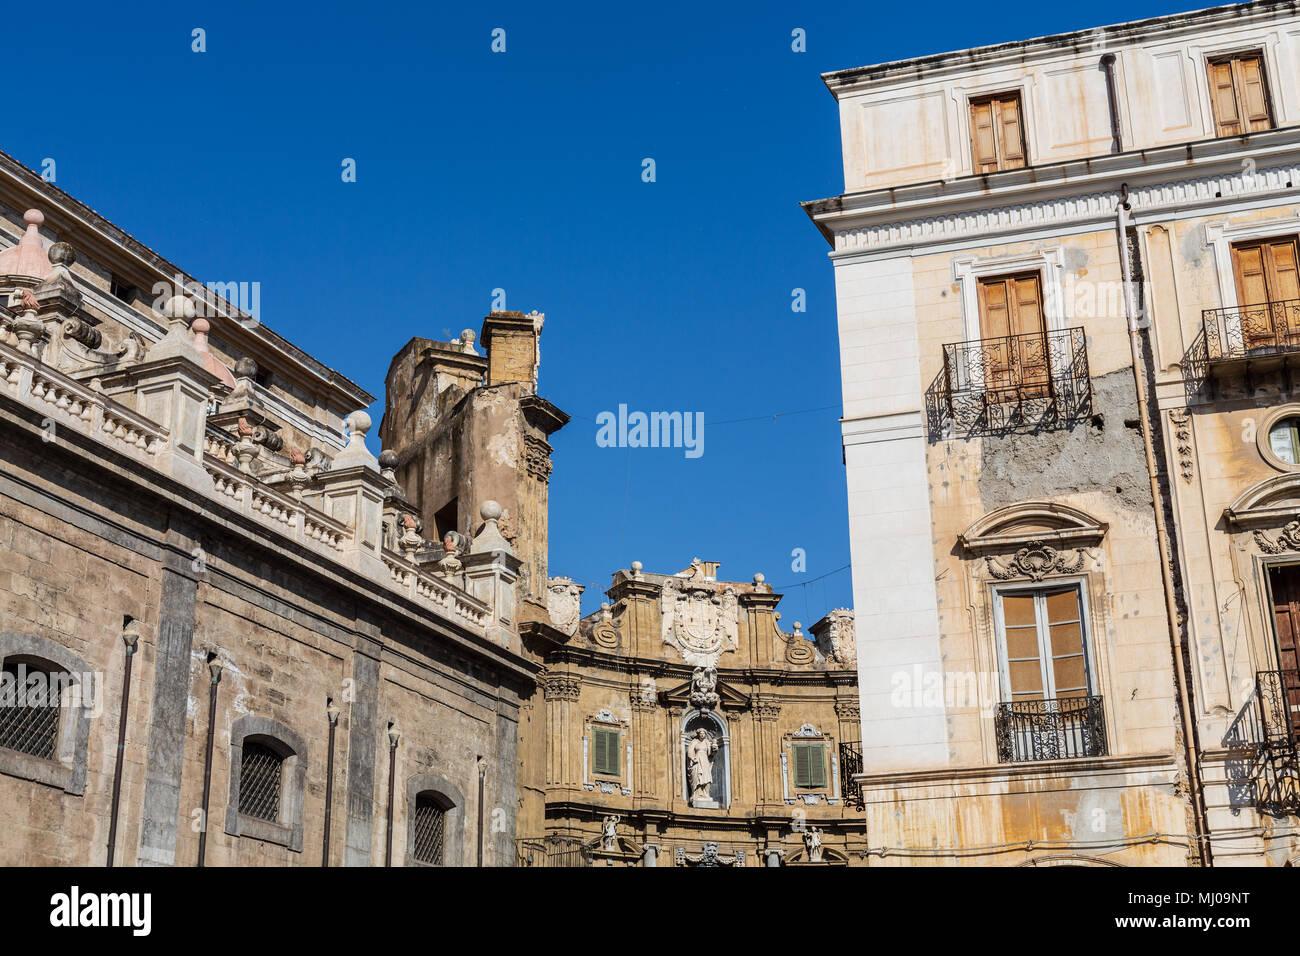 Piazza Pretoria, Palermo, Sicily, Italy - Stock Image